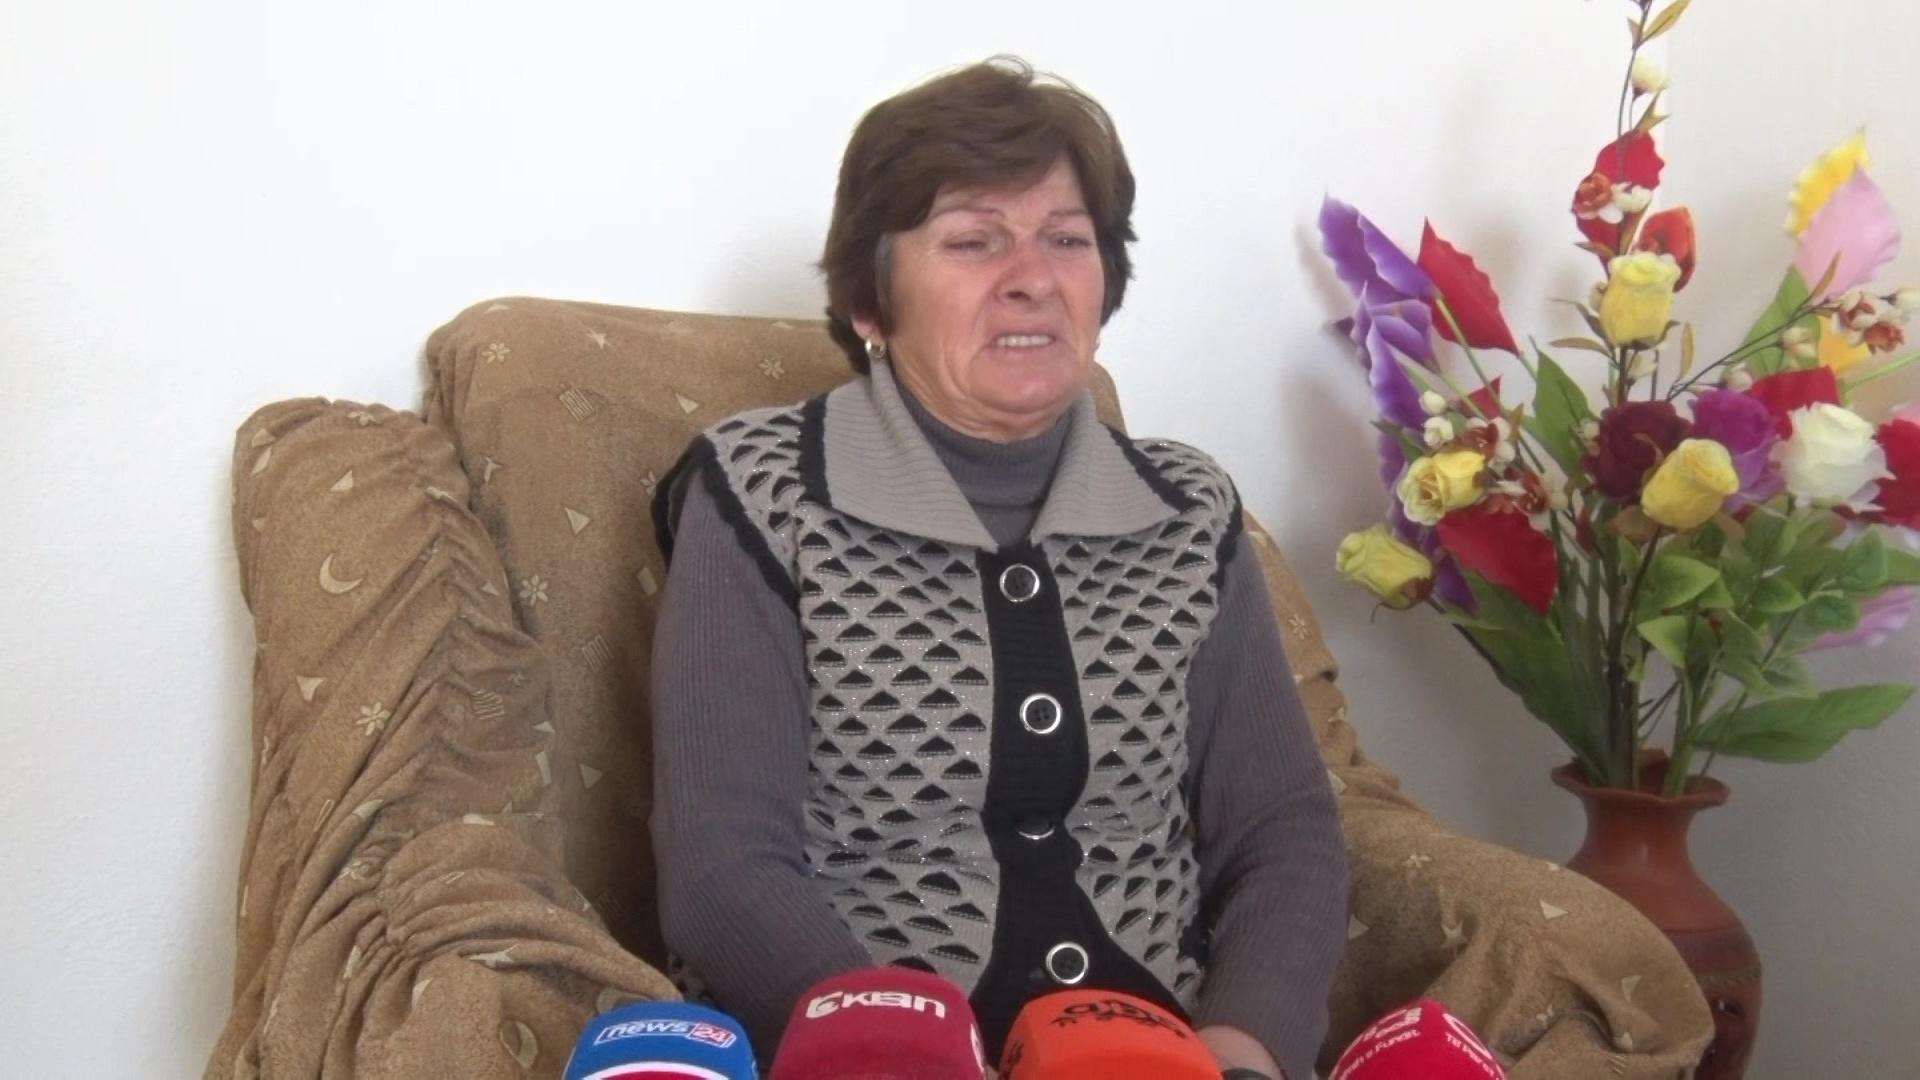 Arrestimi në Ankara i profesorit nga Cërriku, nëna kërkon ndihmë